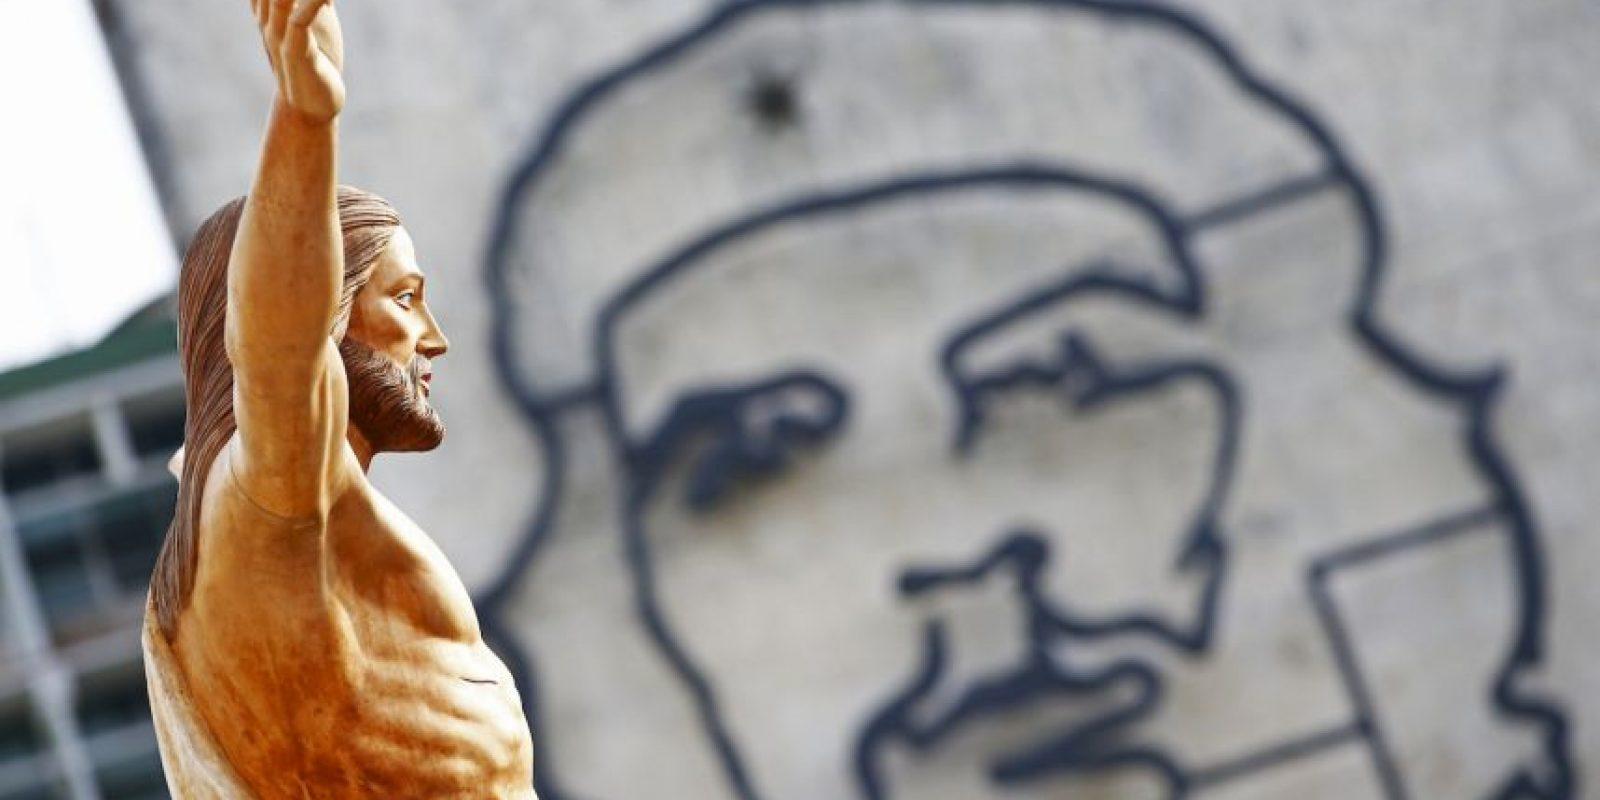 Se han arrestado más de 30 opositores que han tratado de acercarse al papa, reseñó el periódico español El País. Foto:AP